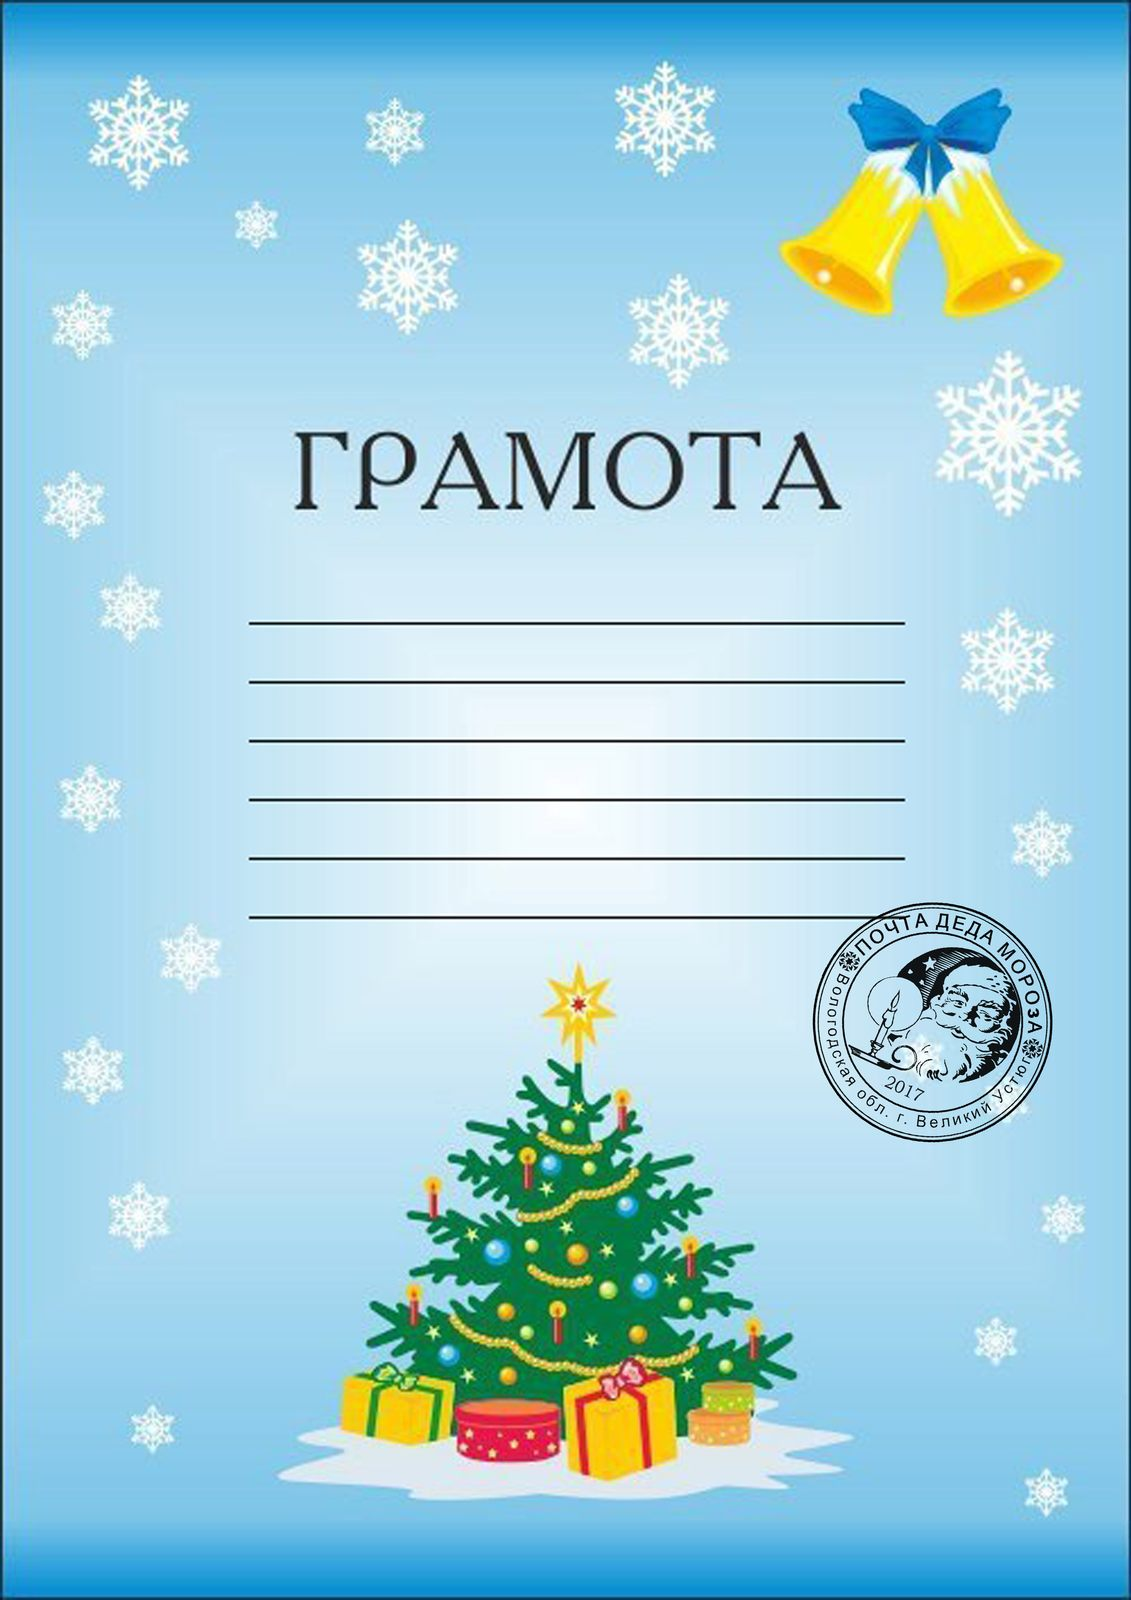 Грамоты новогодние шаблоны скачать бесплатно